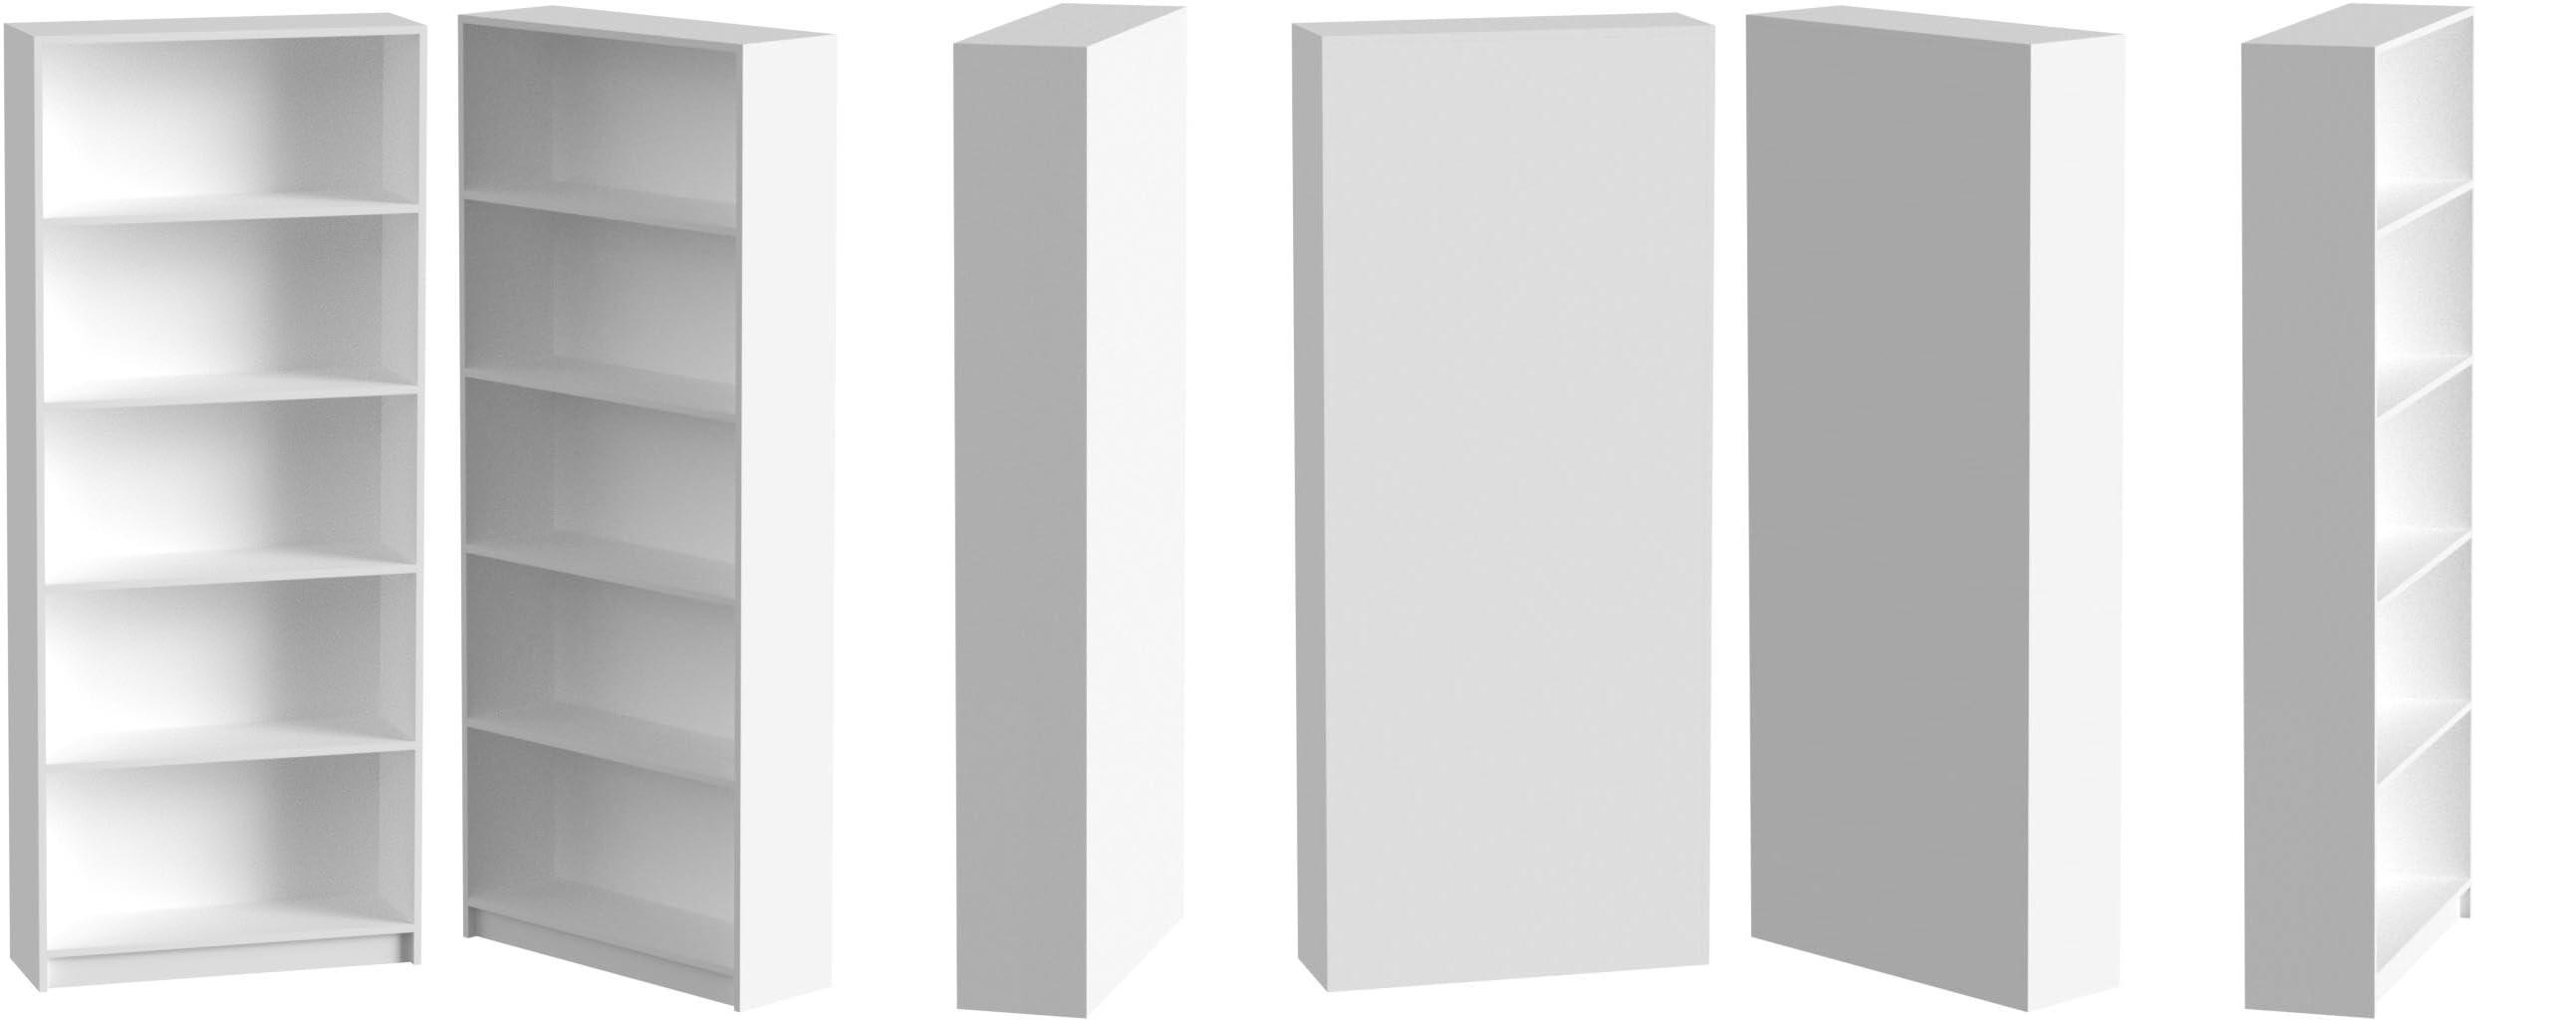 Estantería Alta 5 Estantes, Color Blanco, Medidas: 180 x 75 x 25 cm